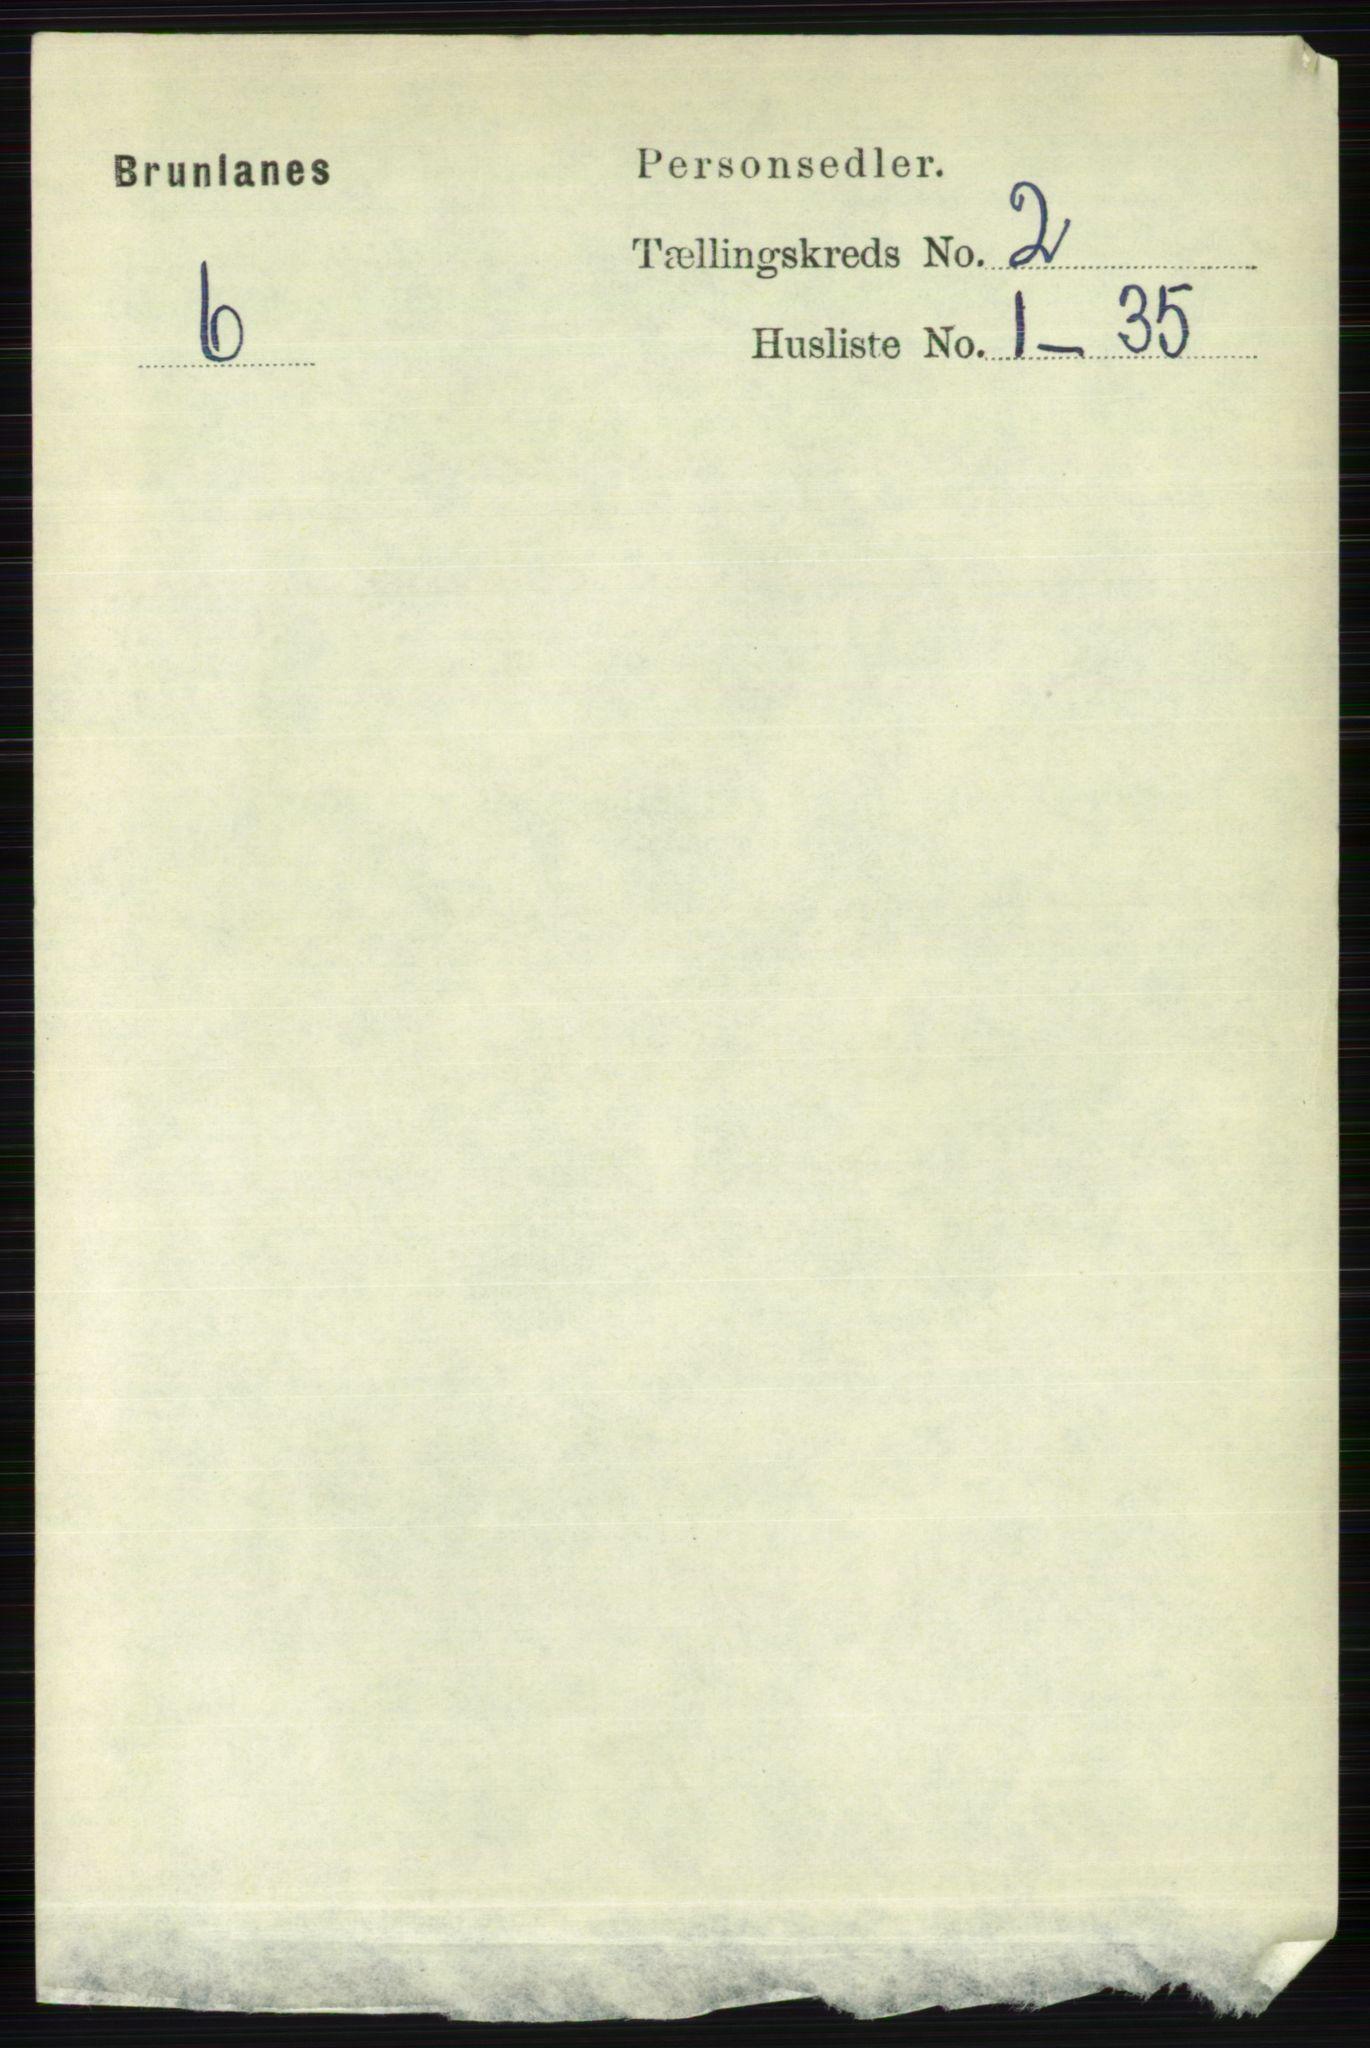 RA, Folketelling 1891 for 0726 Brunlanes herred, 1891, s. 676